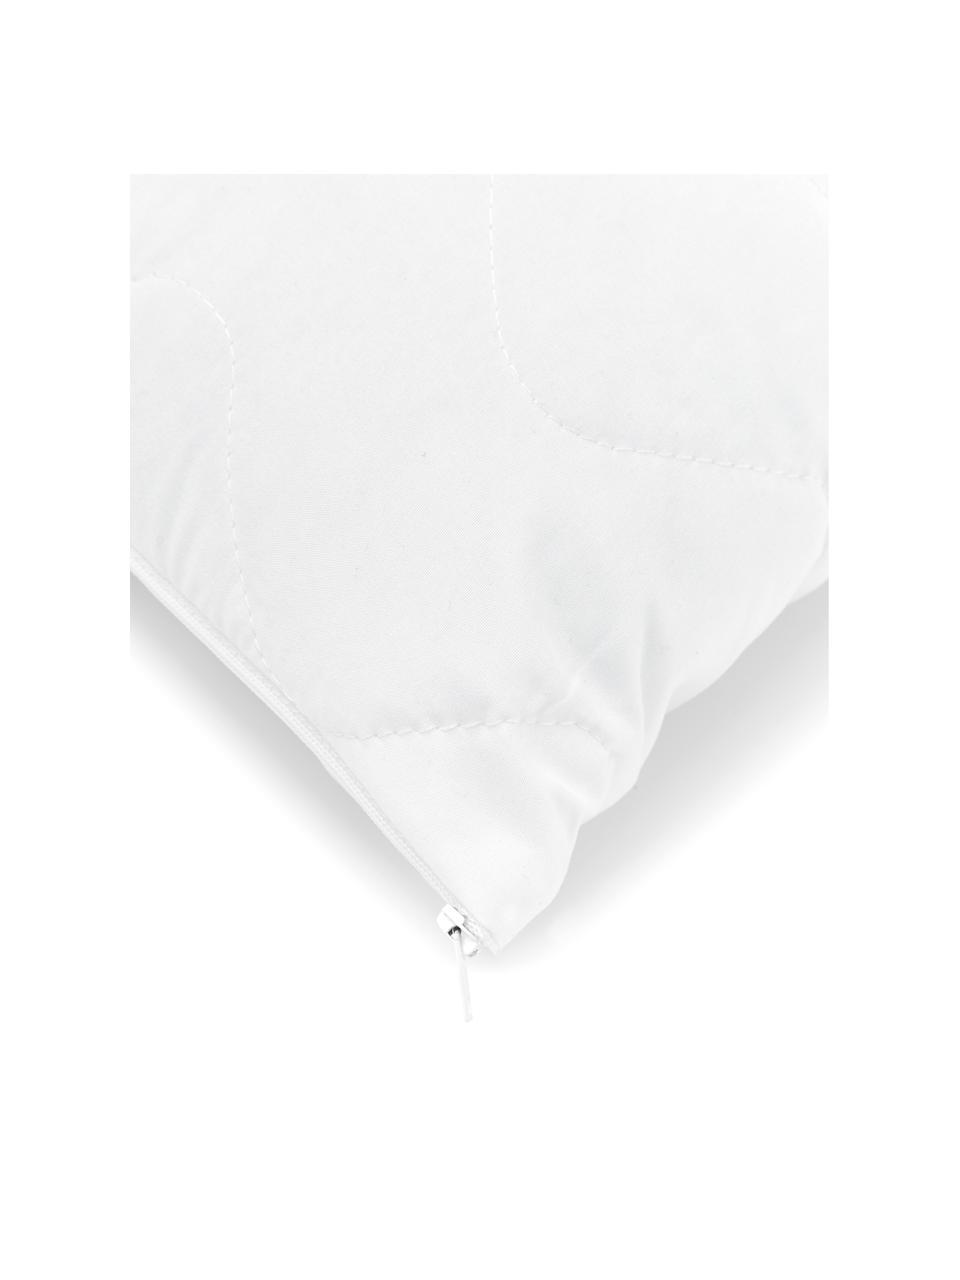 Garnissage de coussin en microfibre Premium Sia, 45x45, Blanc